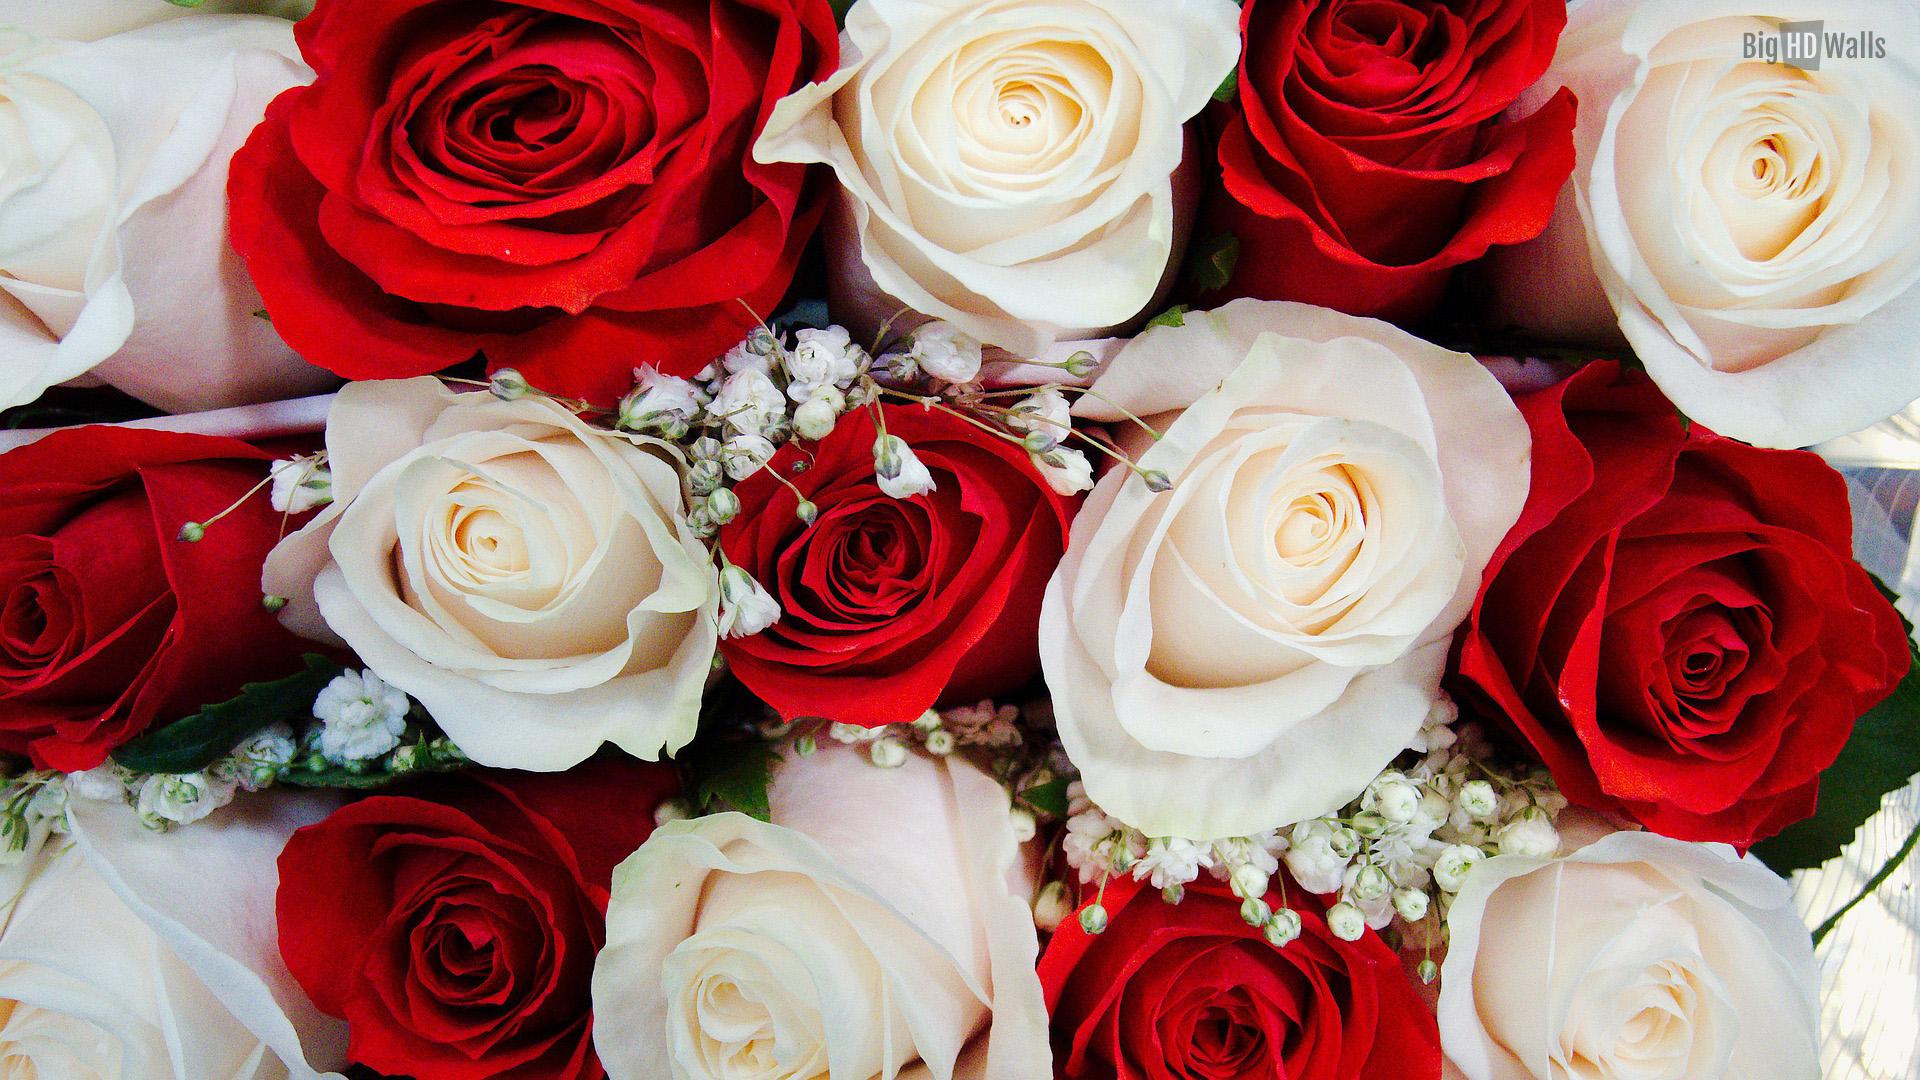 roses wedding flowers hd wallpaperjpg 1920x1080